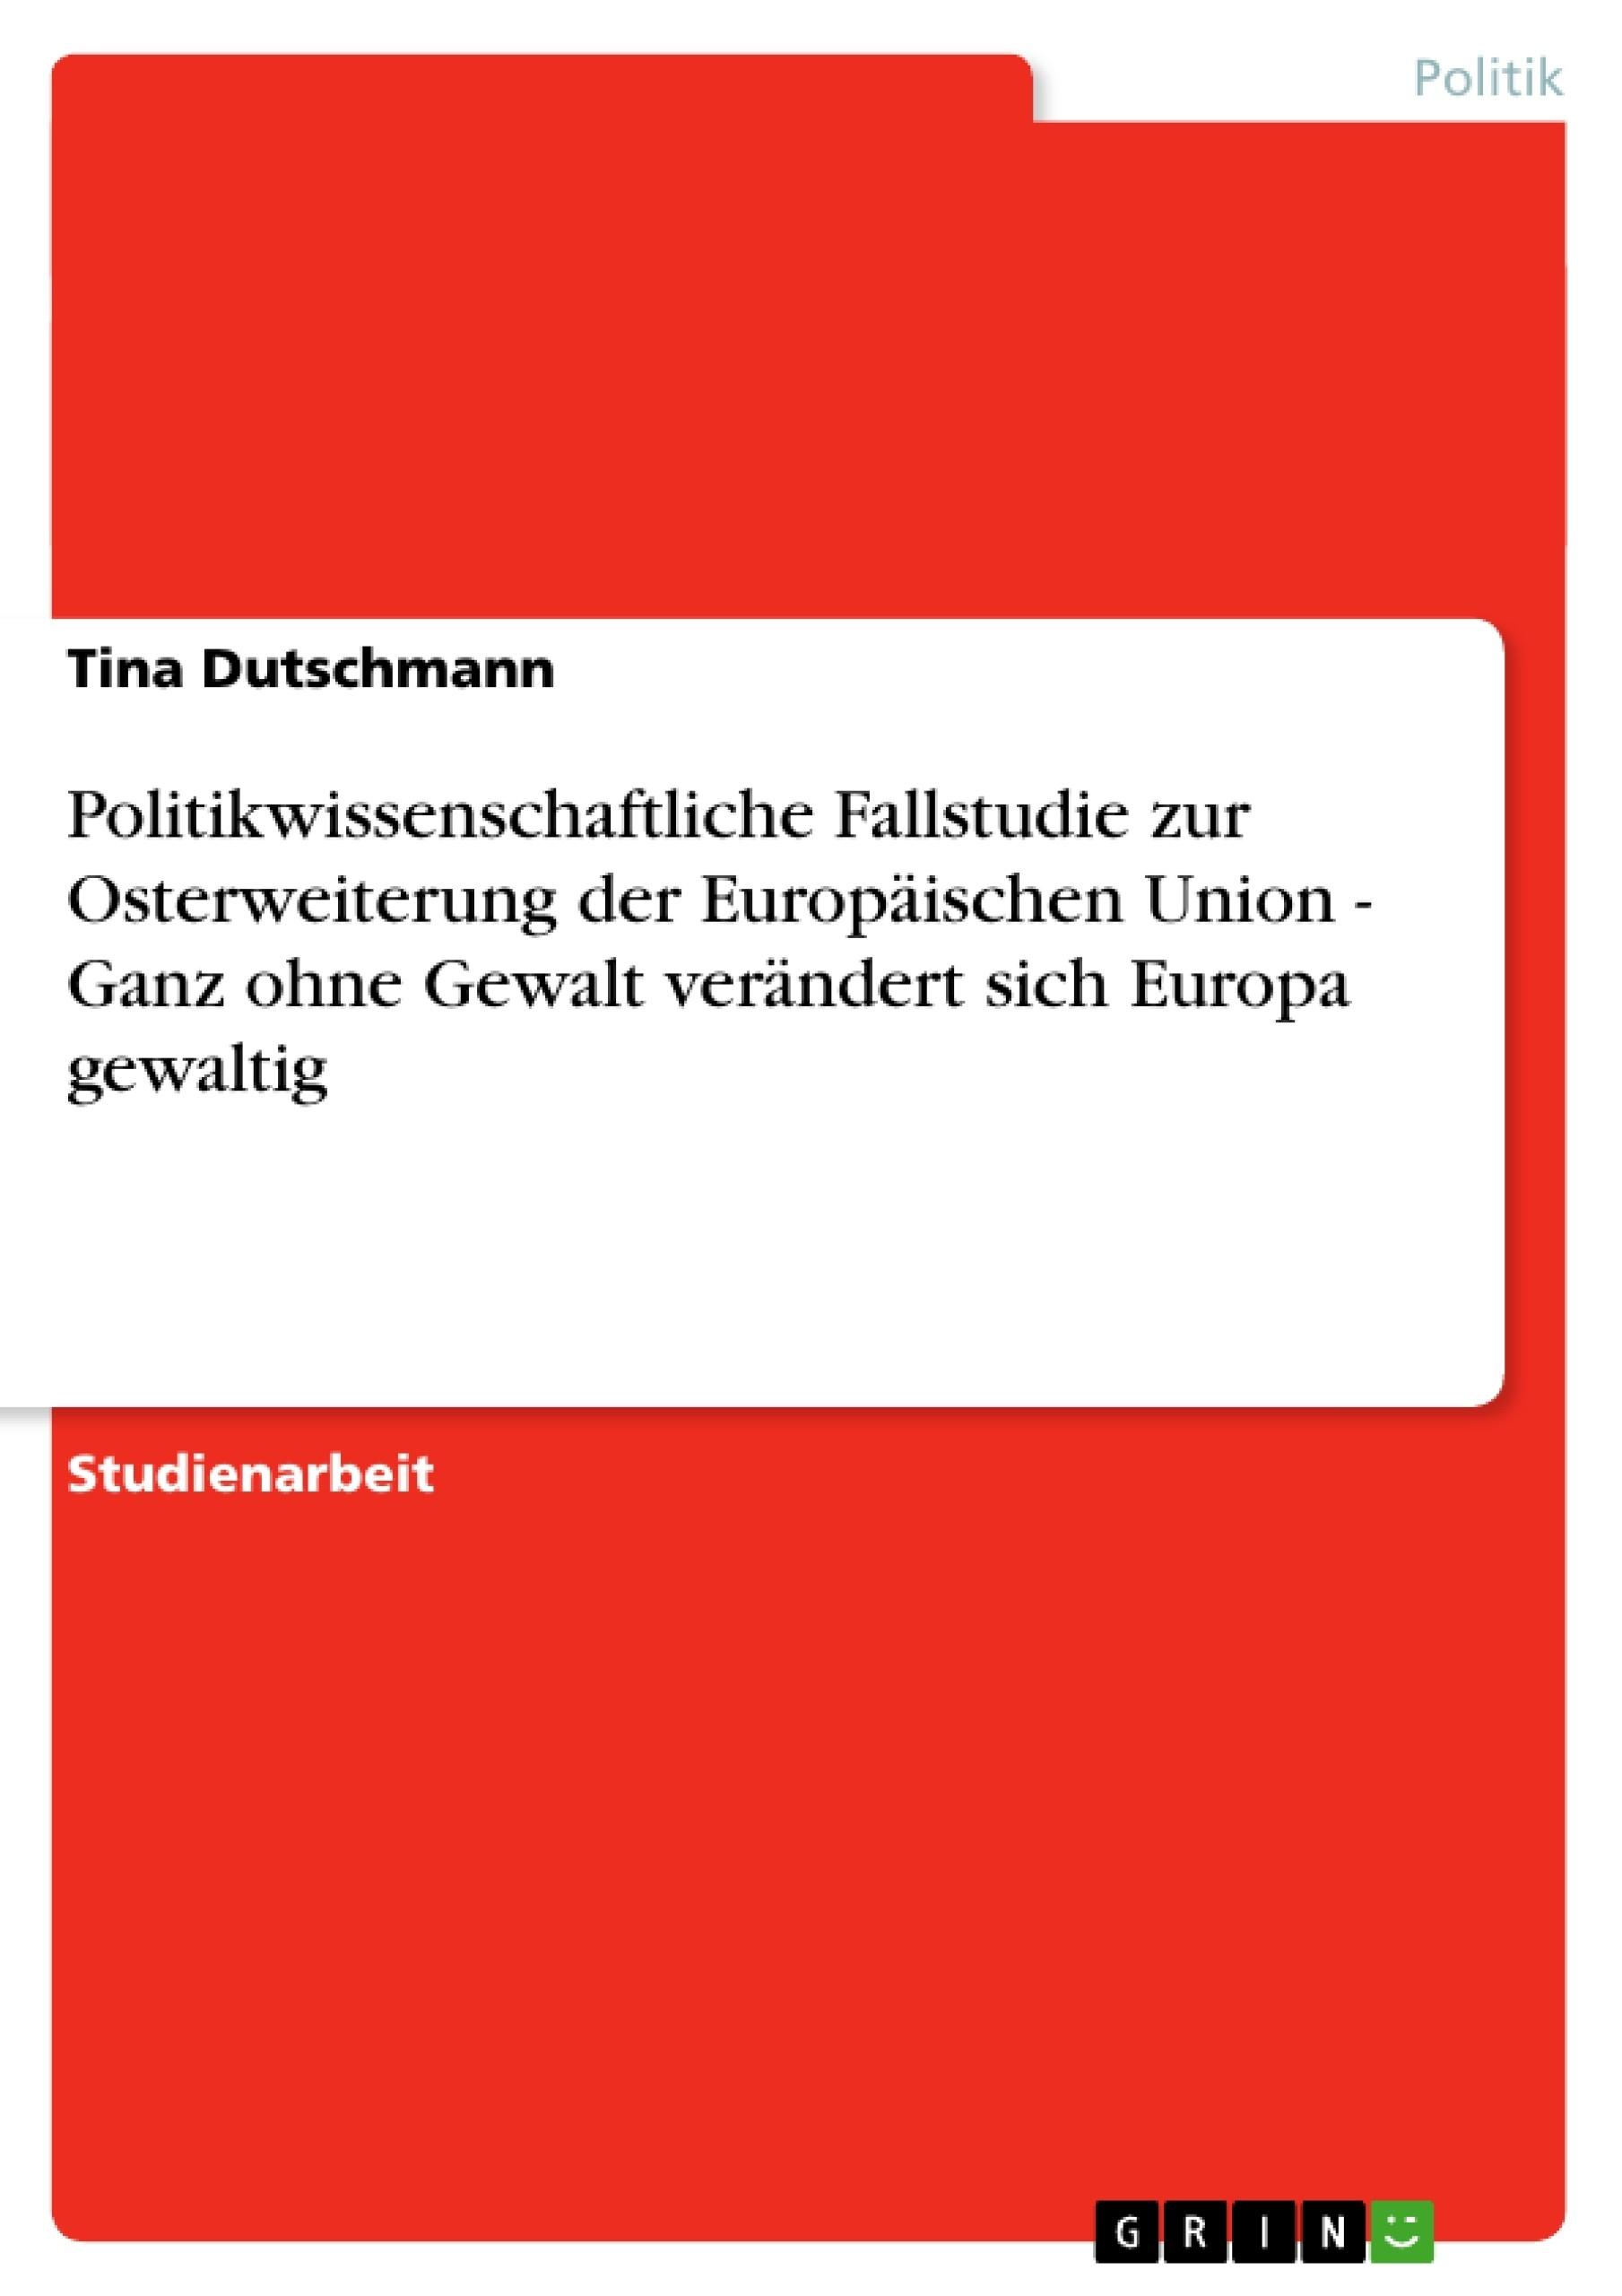 Titel: Politikwissenschaftliche Fallstudie zur Osterweiterung der Europäischen Union - Ganz ohne Gewalt verändert sich Europa gewaltig